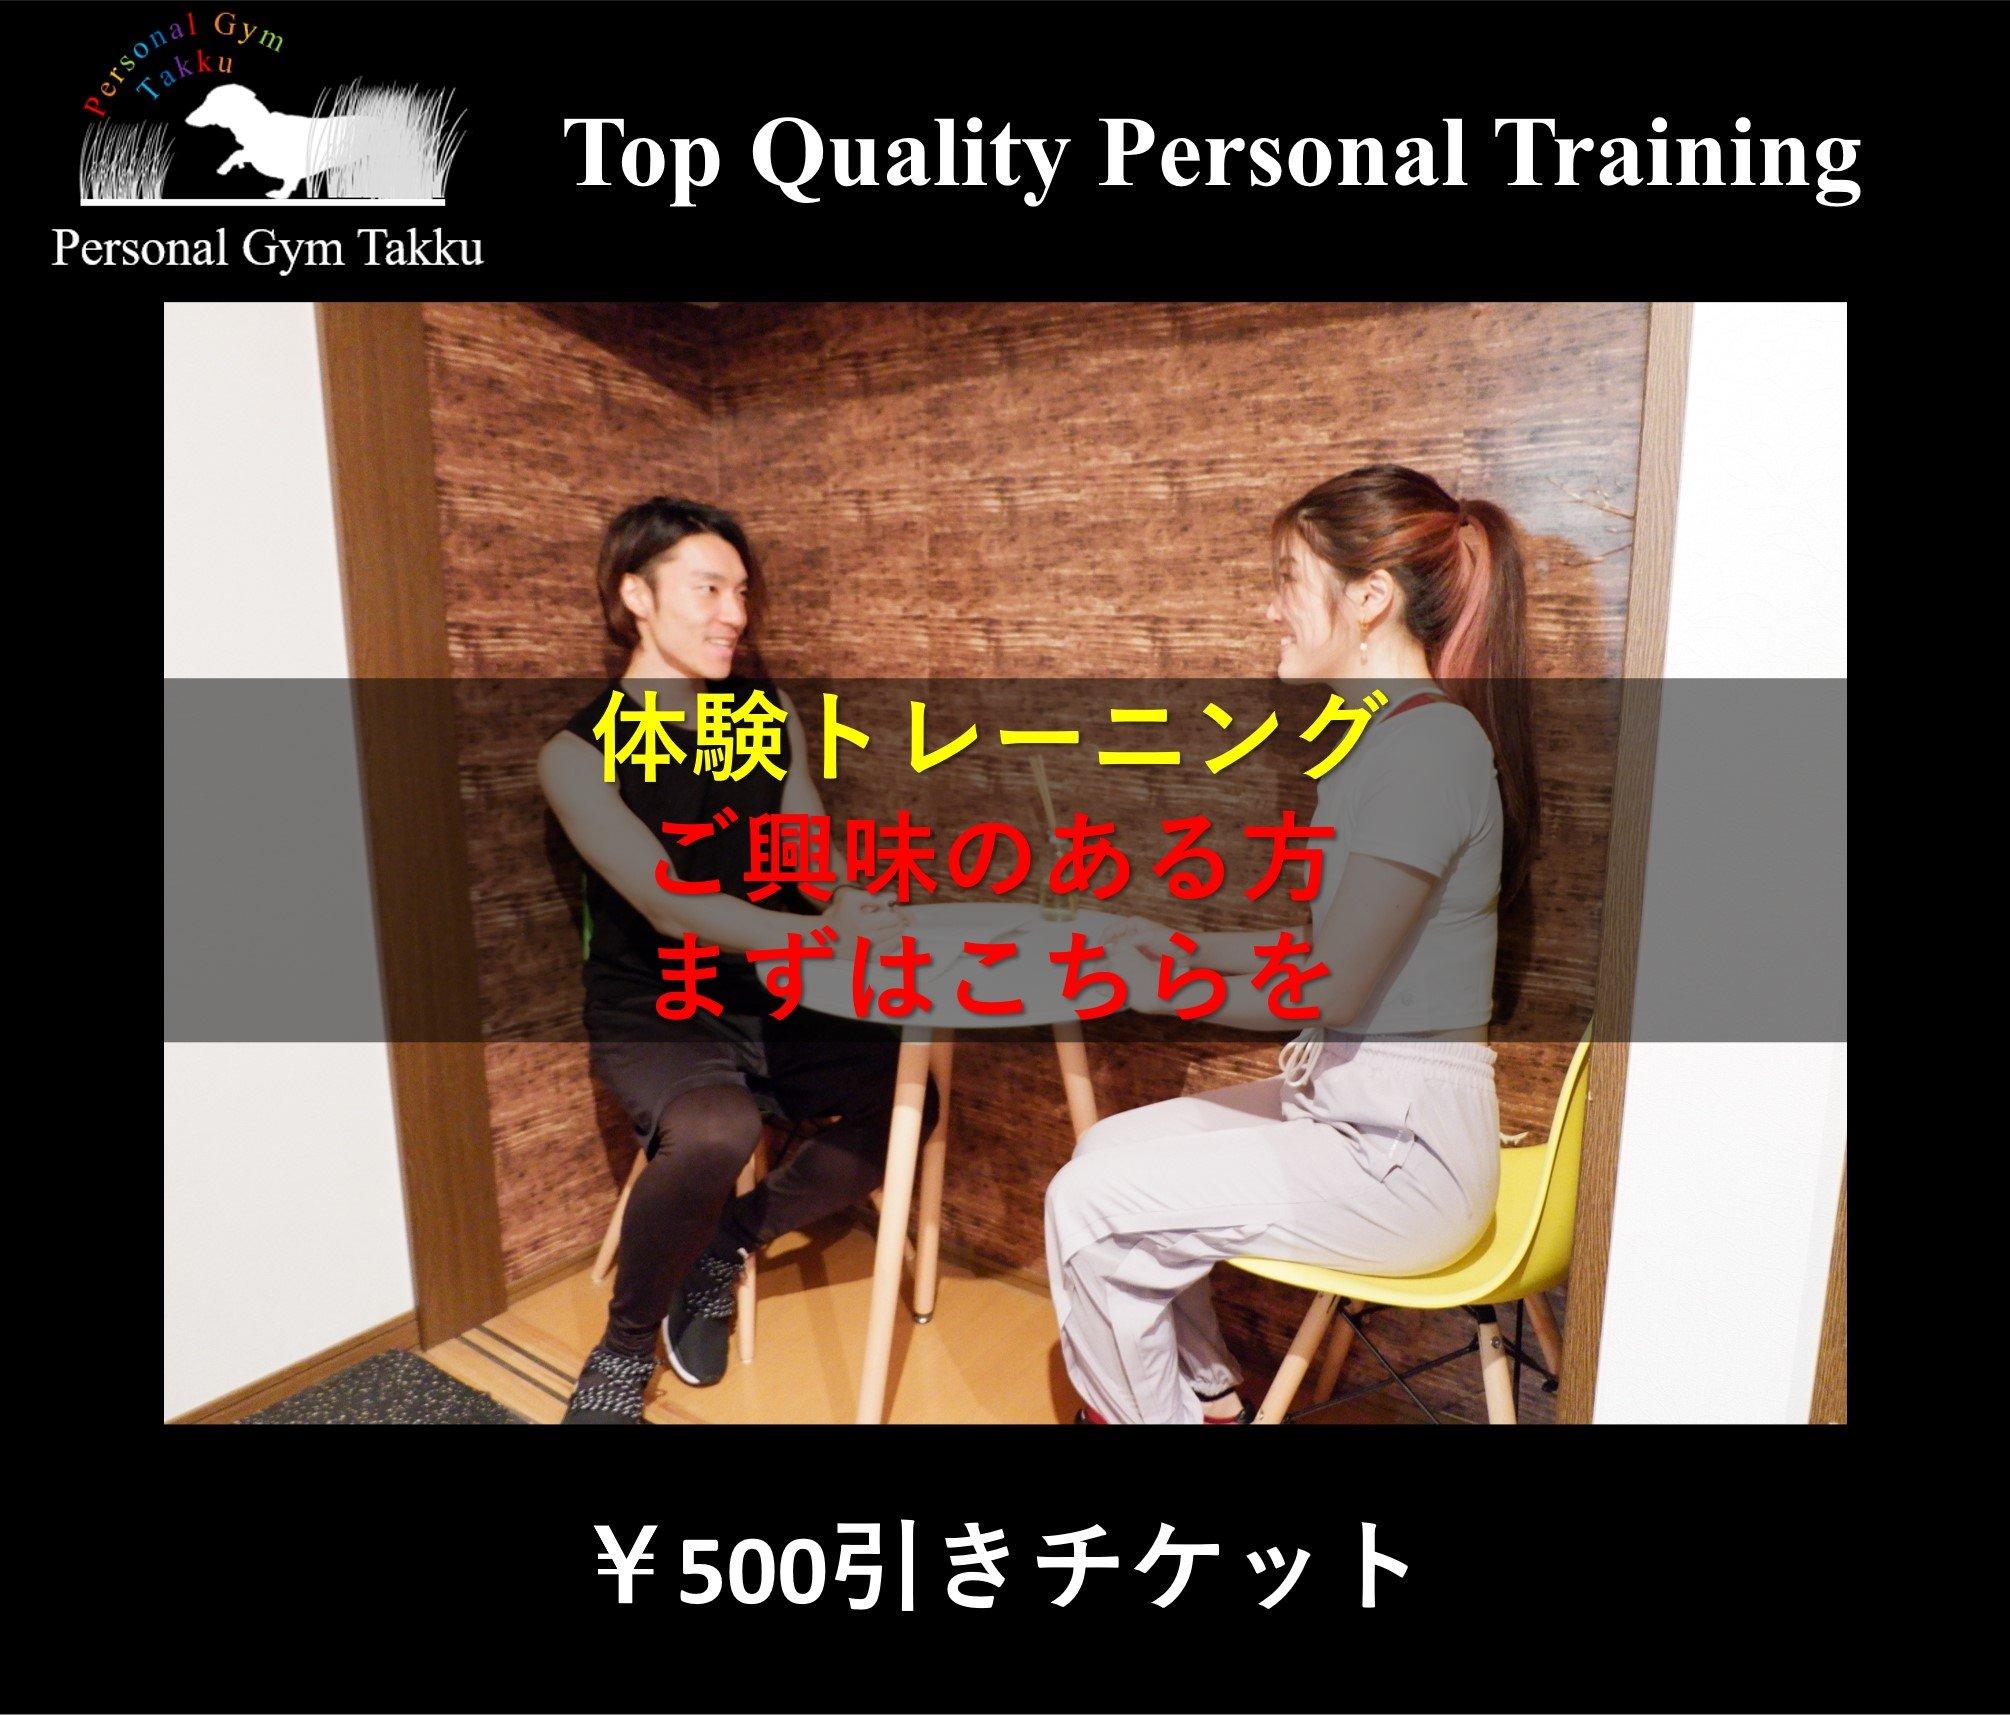 【体験トレーニング】 ¥500引きチケットのイメージその1